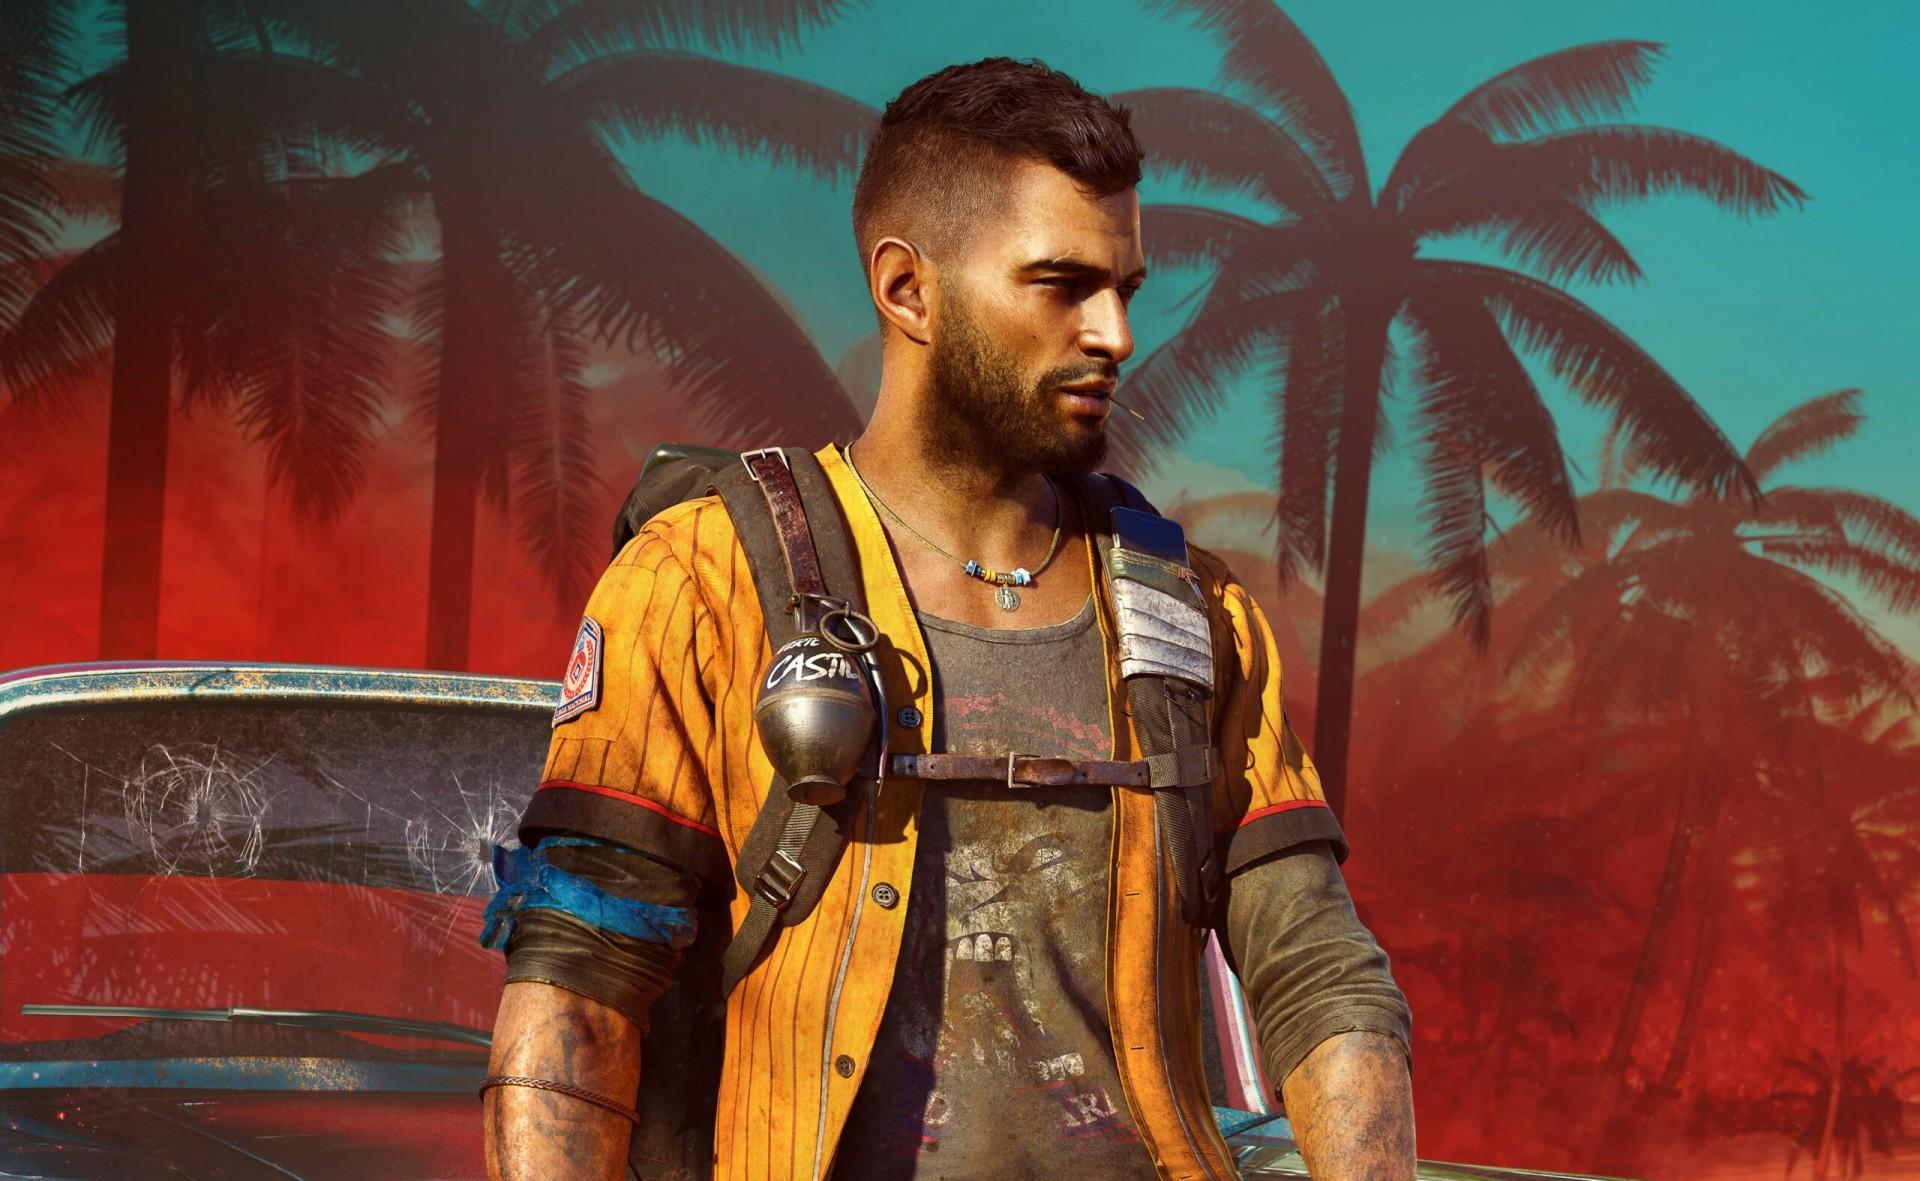 Смартфон вместо карты говорящий главный герой и настоящий колорит Кубы Все что мы знаем о Far Cry 6